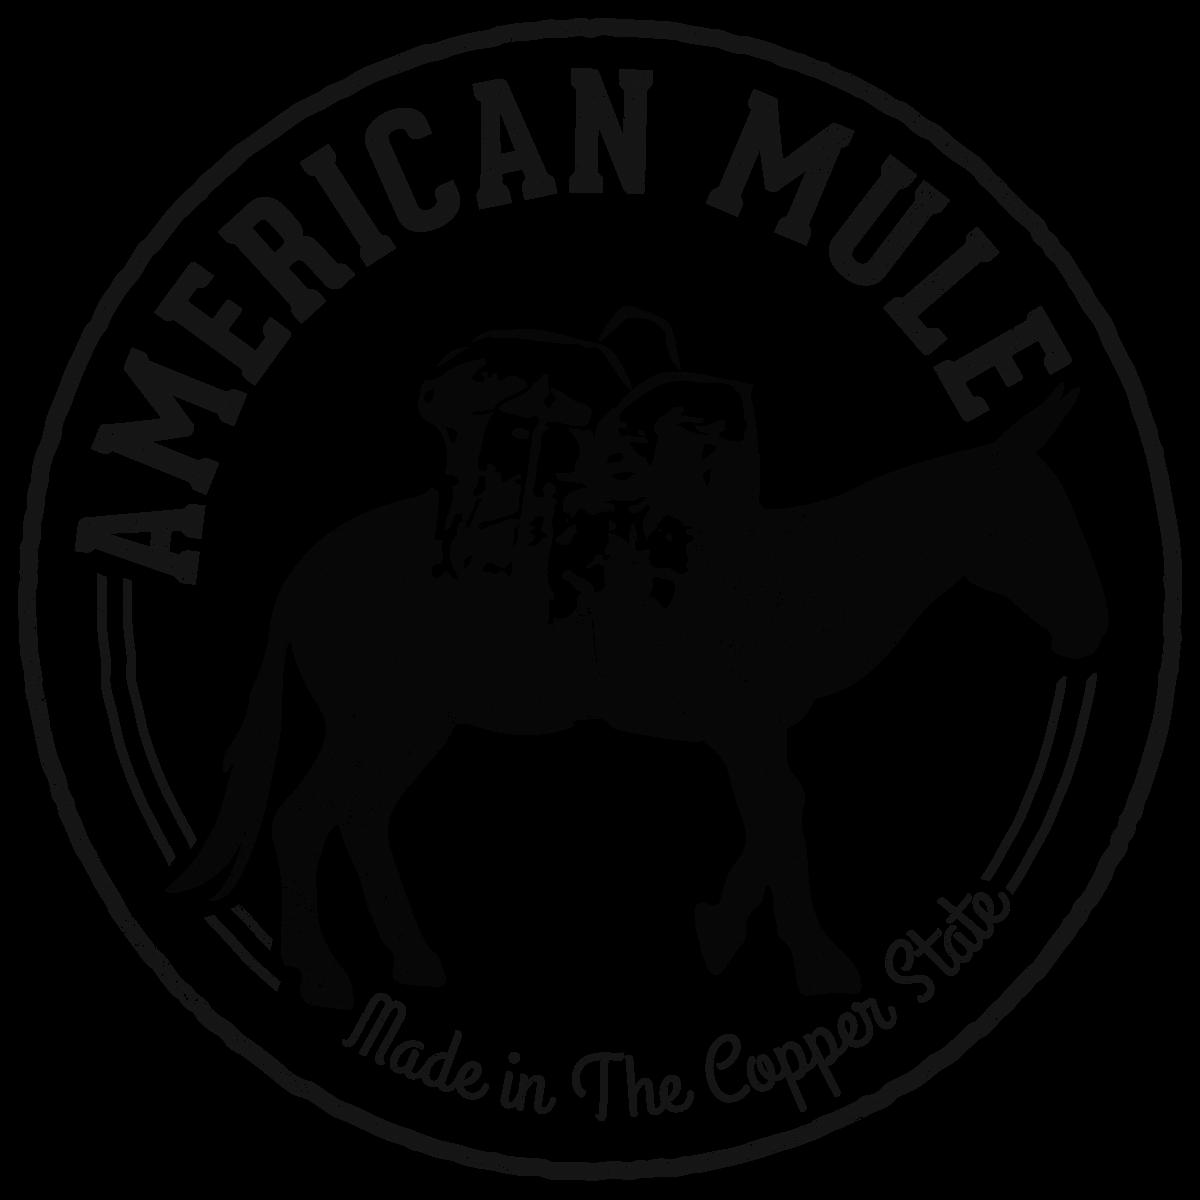 American Mule Copper Mugs Made In The Copper State Usa